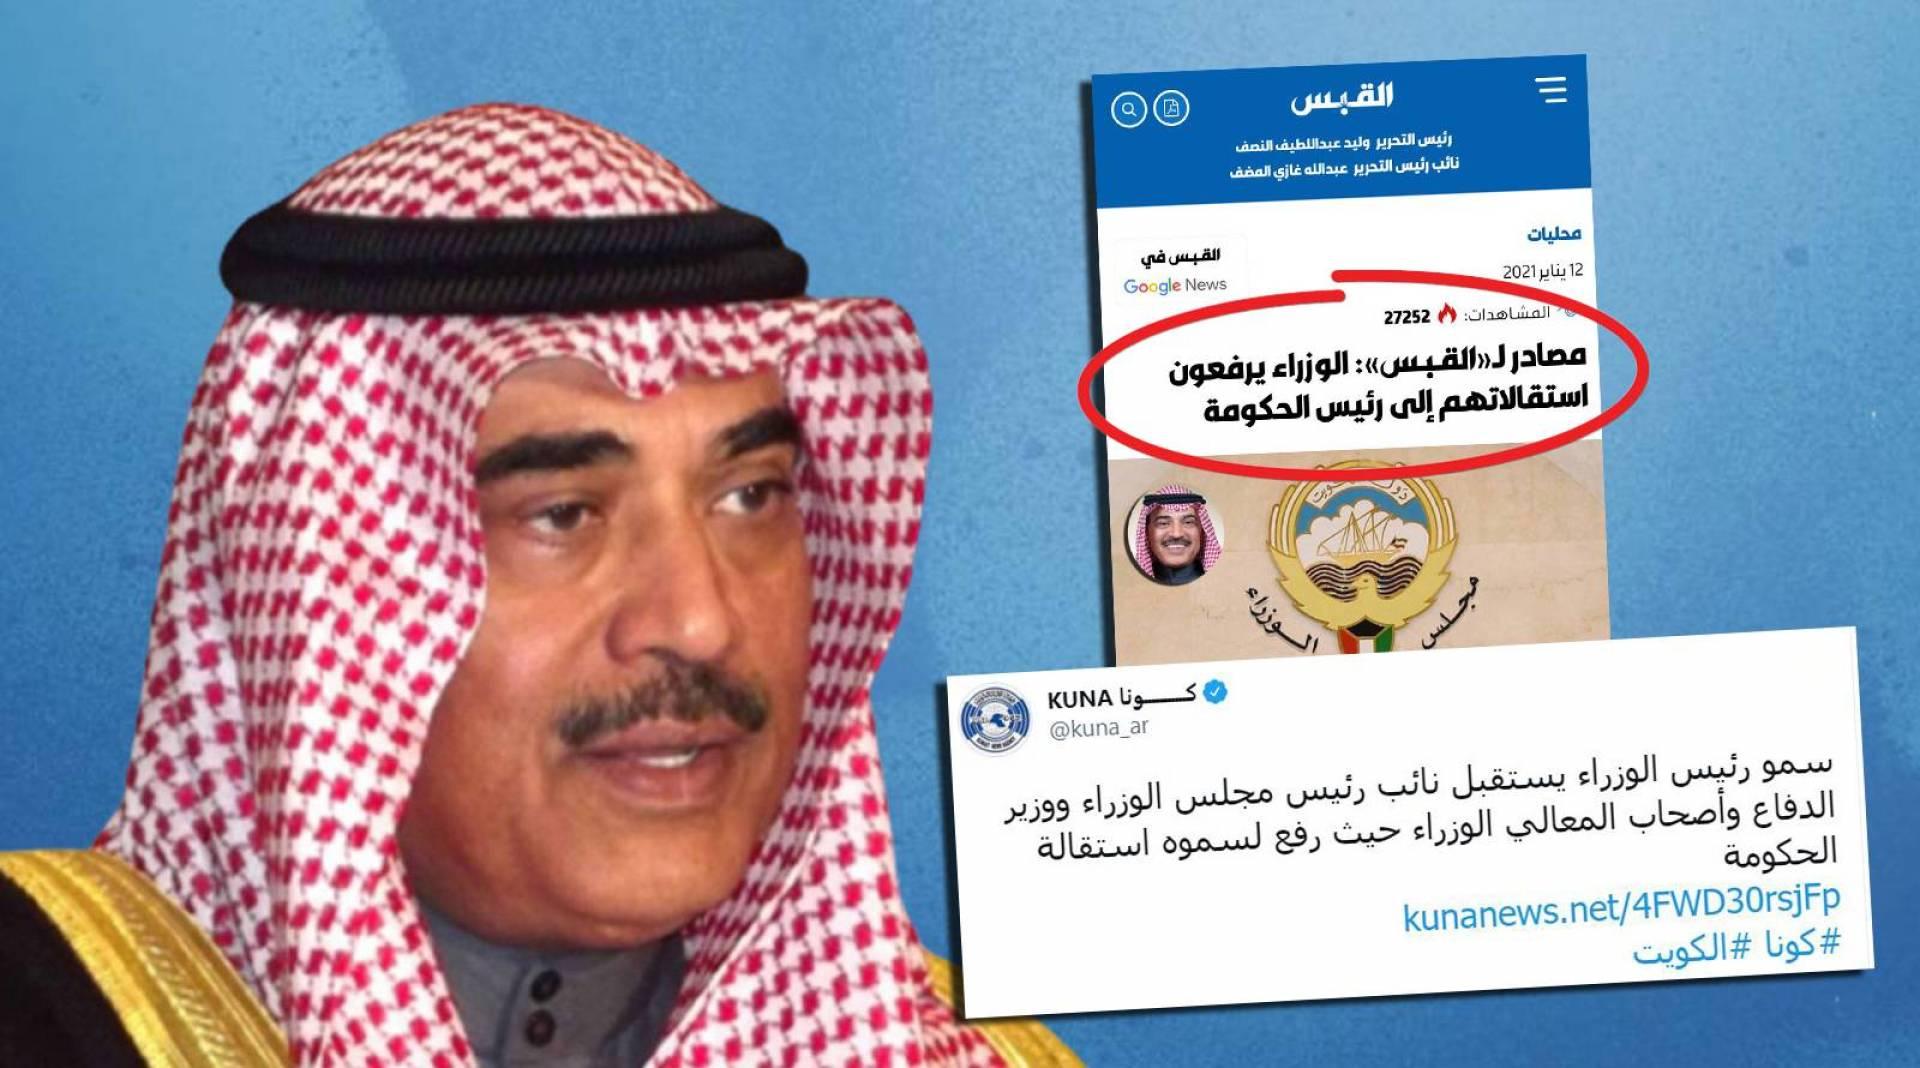 رسمياً.. الوزراء يرفعون استقالاتهم لصباح الخالد